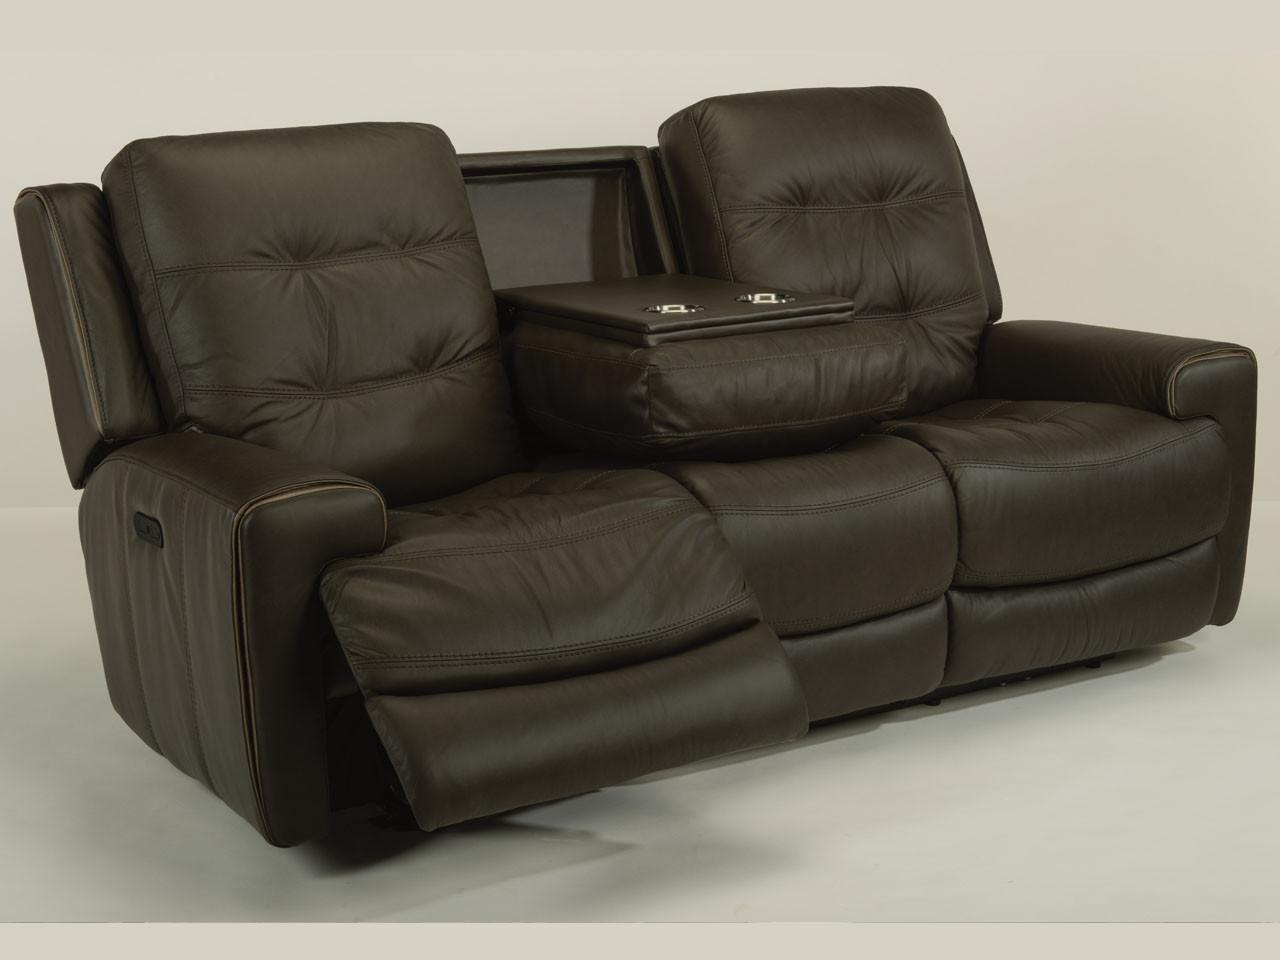 Wicklow Reclining Sofa